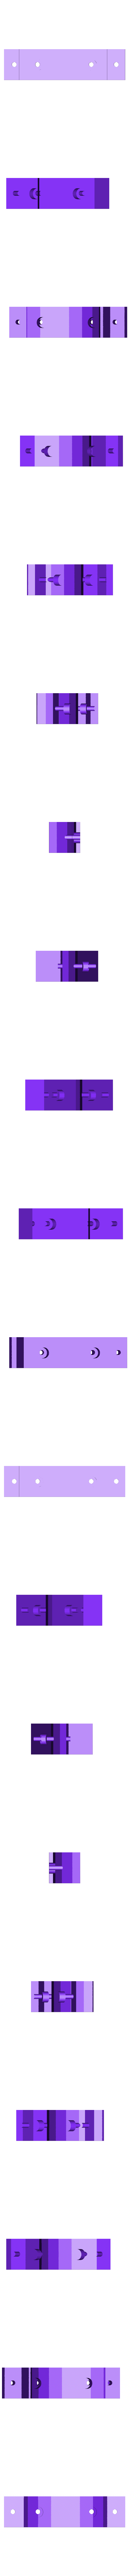 BRIDGE.stl Télécharger fichier STL gratuit Alimentateur automatique pour chiens en tube PVC • Design imprimable en 3D, speedkornet